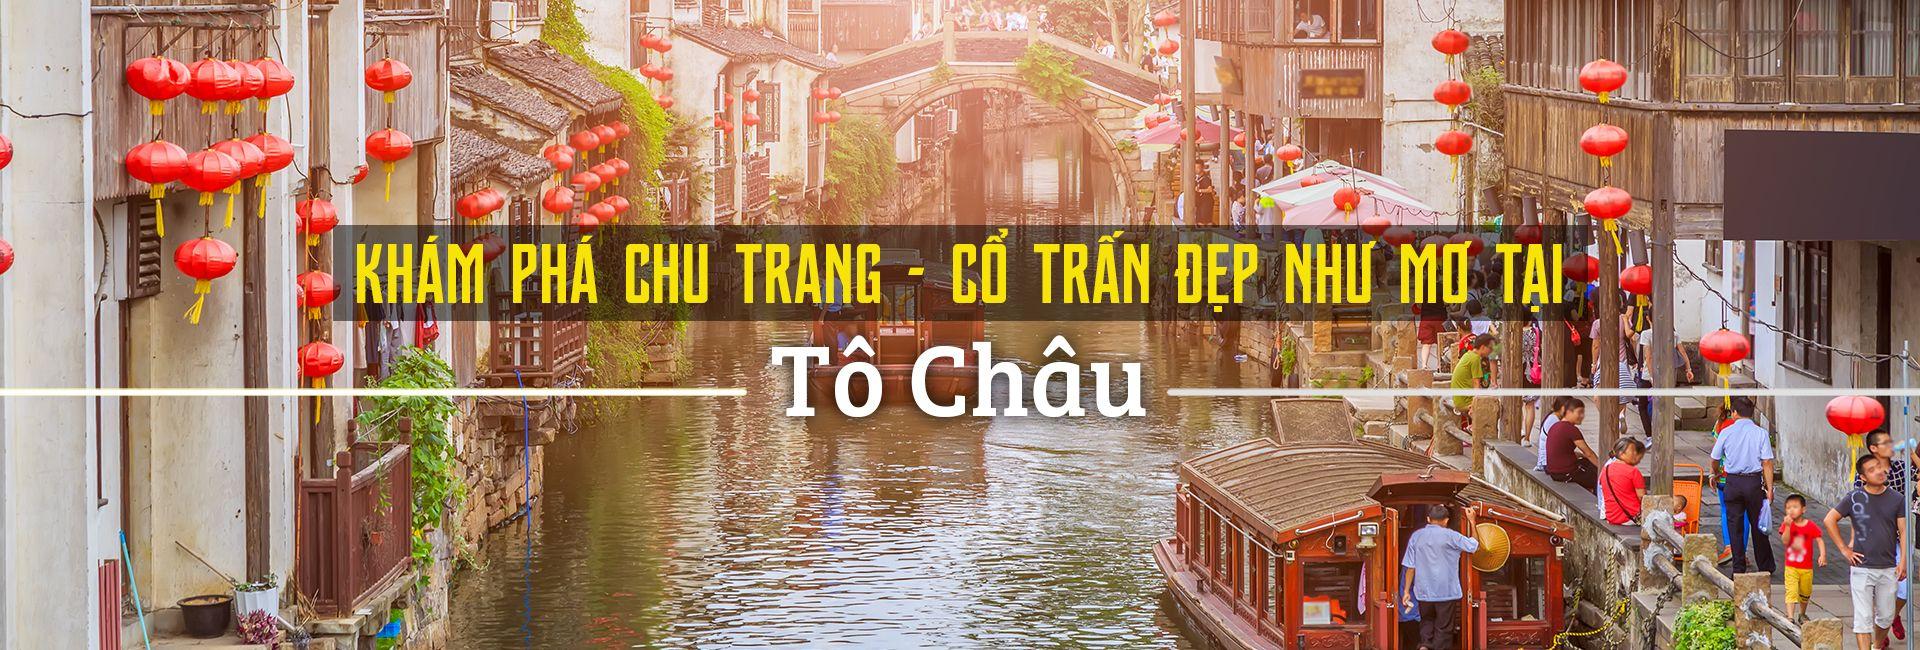 Khám phá Chu Trang - Cổ trấn đẹp như mơ tại Tô Châu